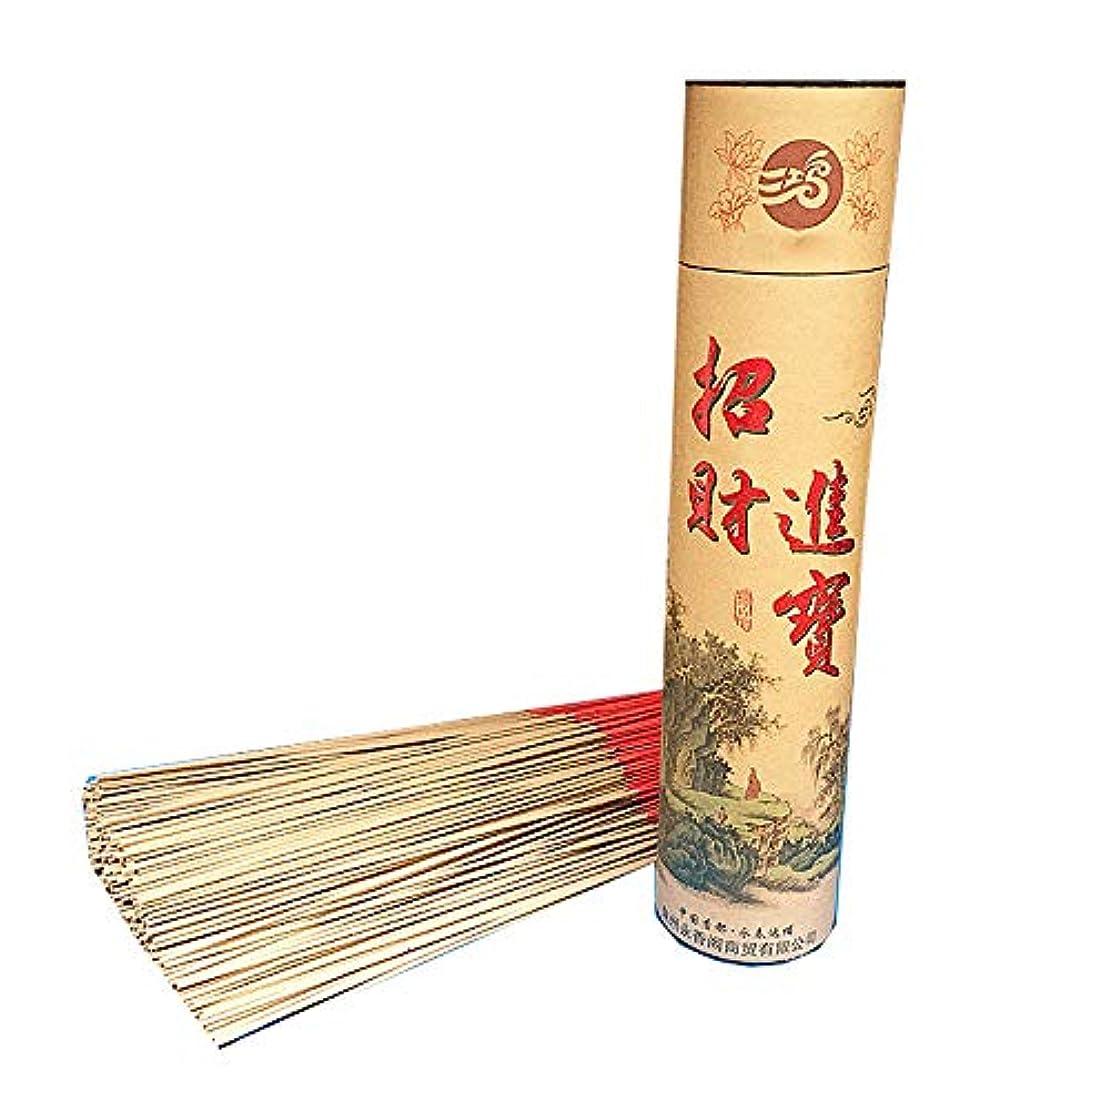 ブリーク言い訳軽減ZeeStar チャイニーズジョススティック 無香 香料 香りなし 香りつき 香りつき ジョススティック 13インチ(480本)